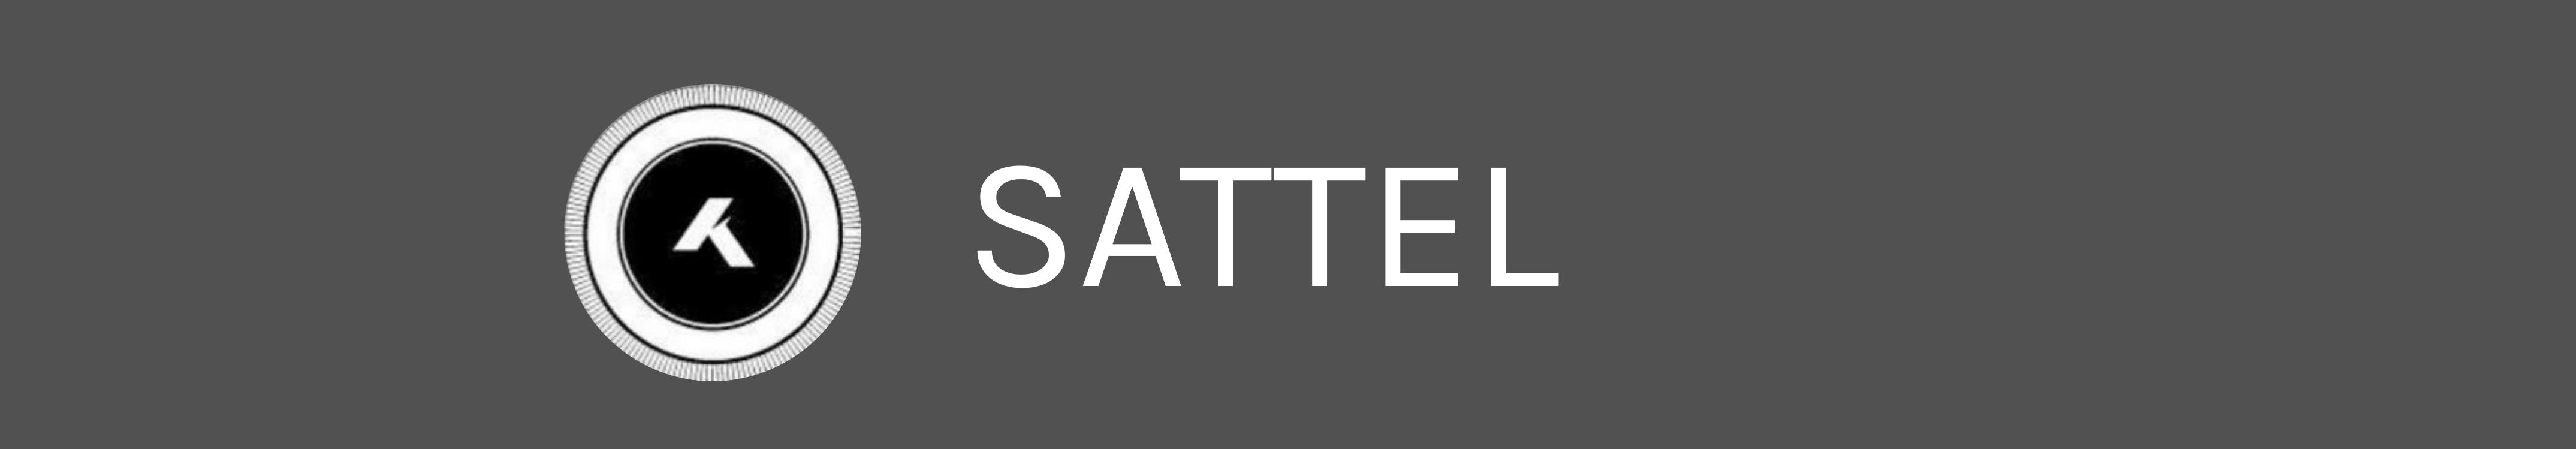 KHE-Banner-Sattel